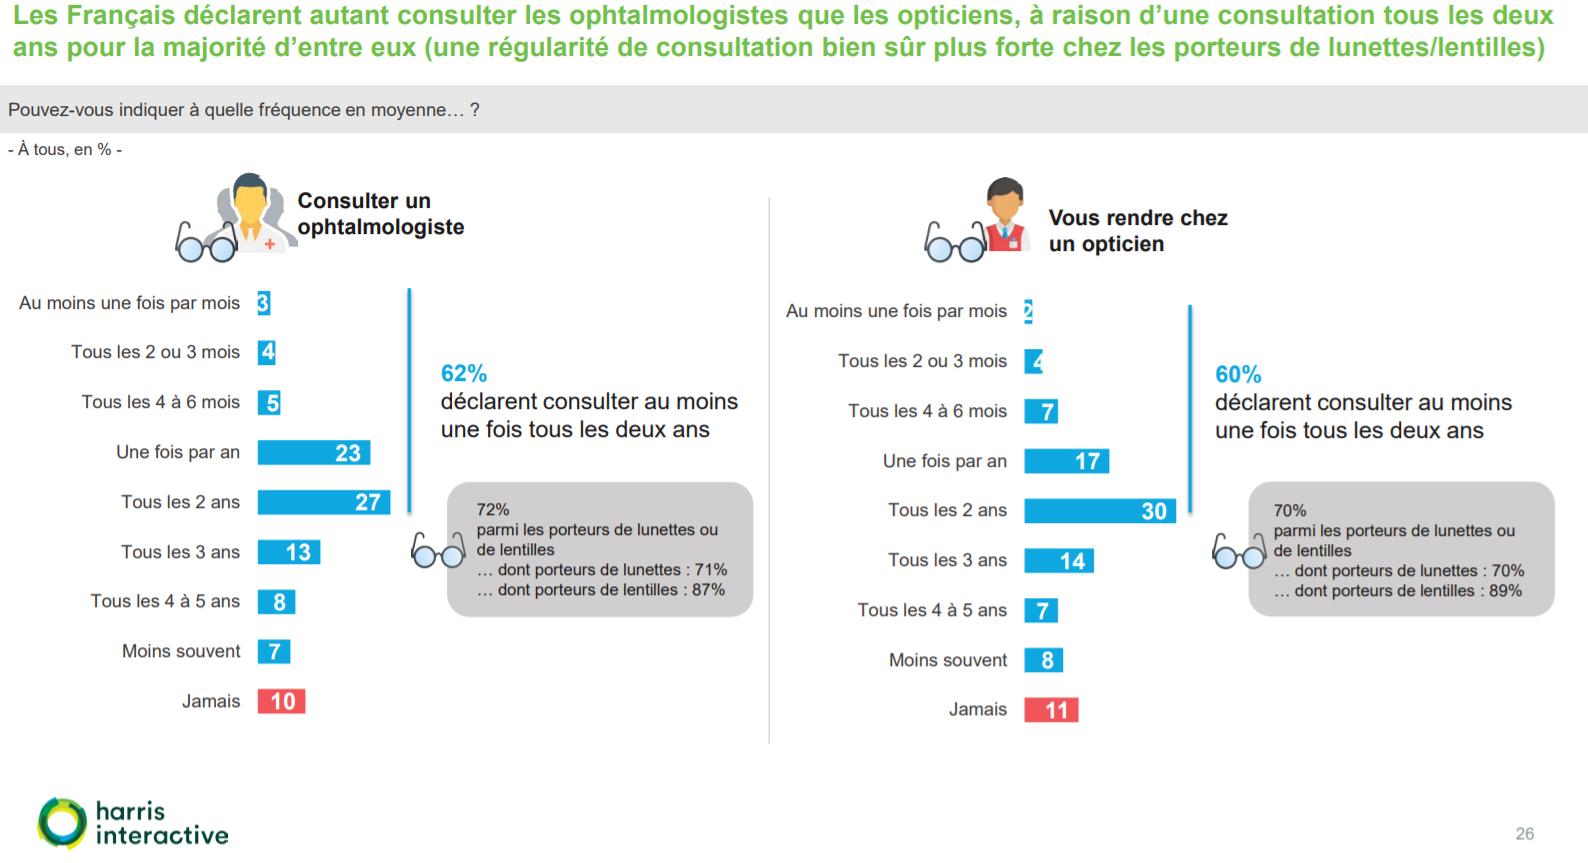 Les Français déclarent autant consulter les ophtalmologistes que les opticiens, à raison d'une consultation tous les deux ans pour la majorité d'entre eux